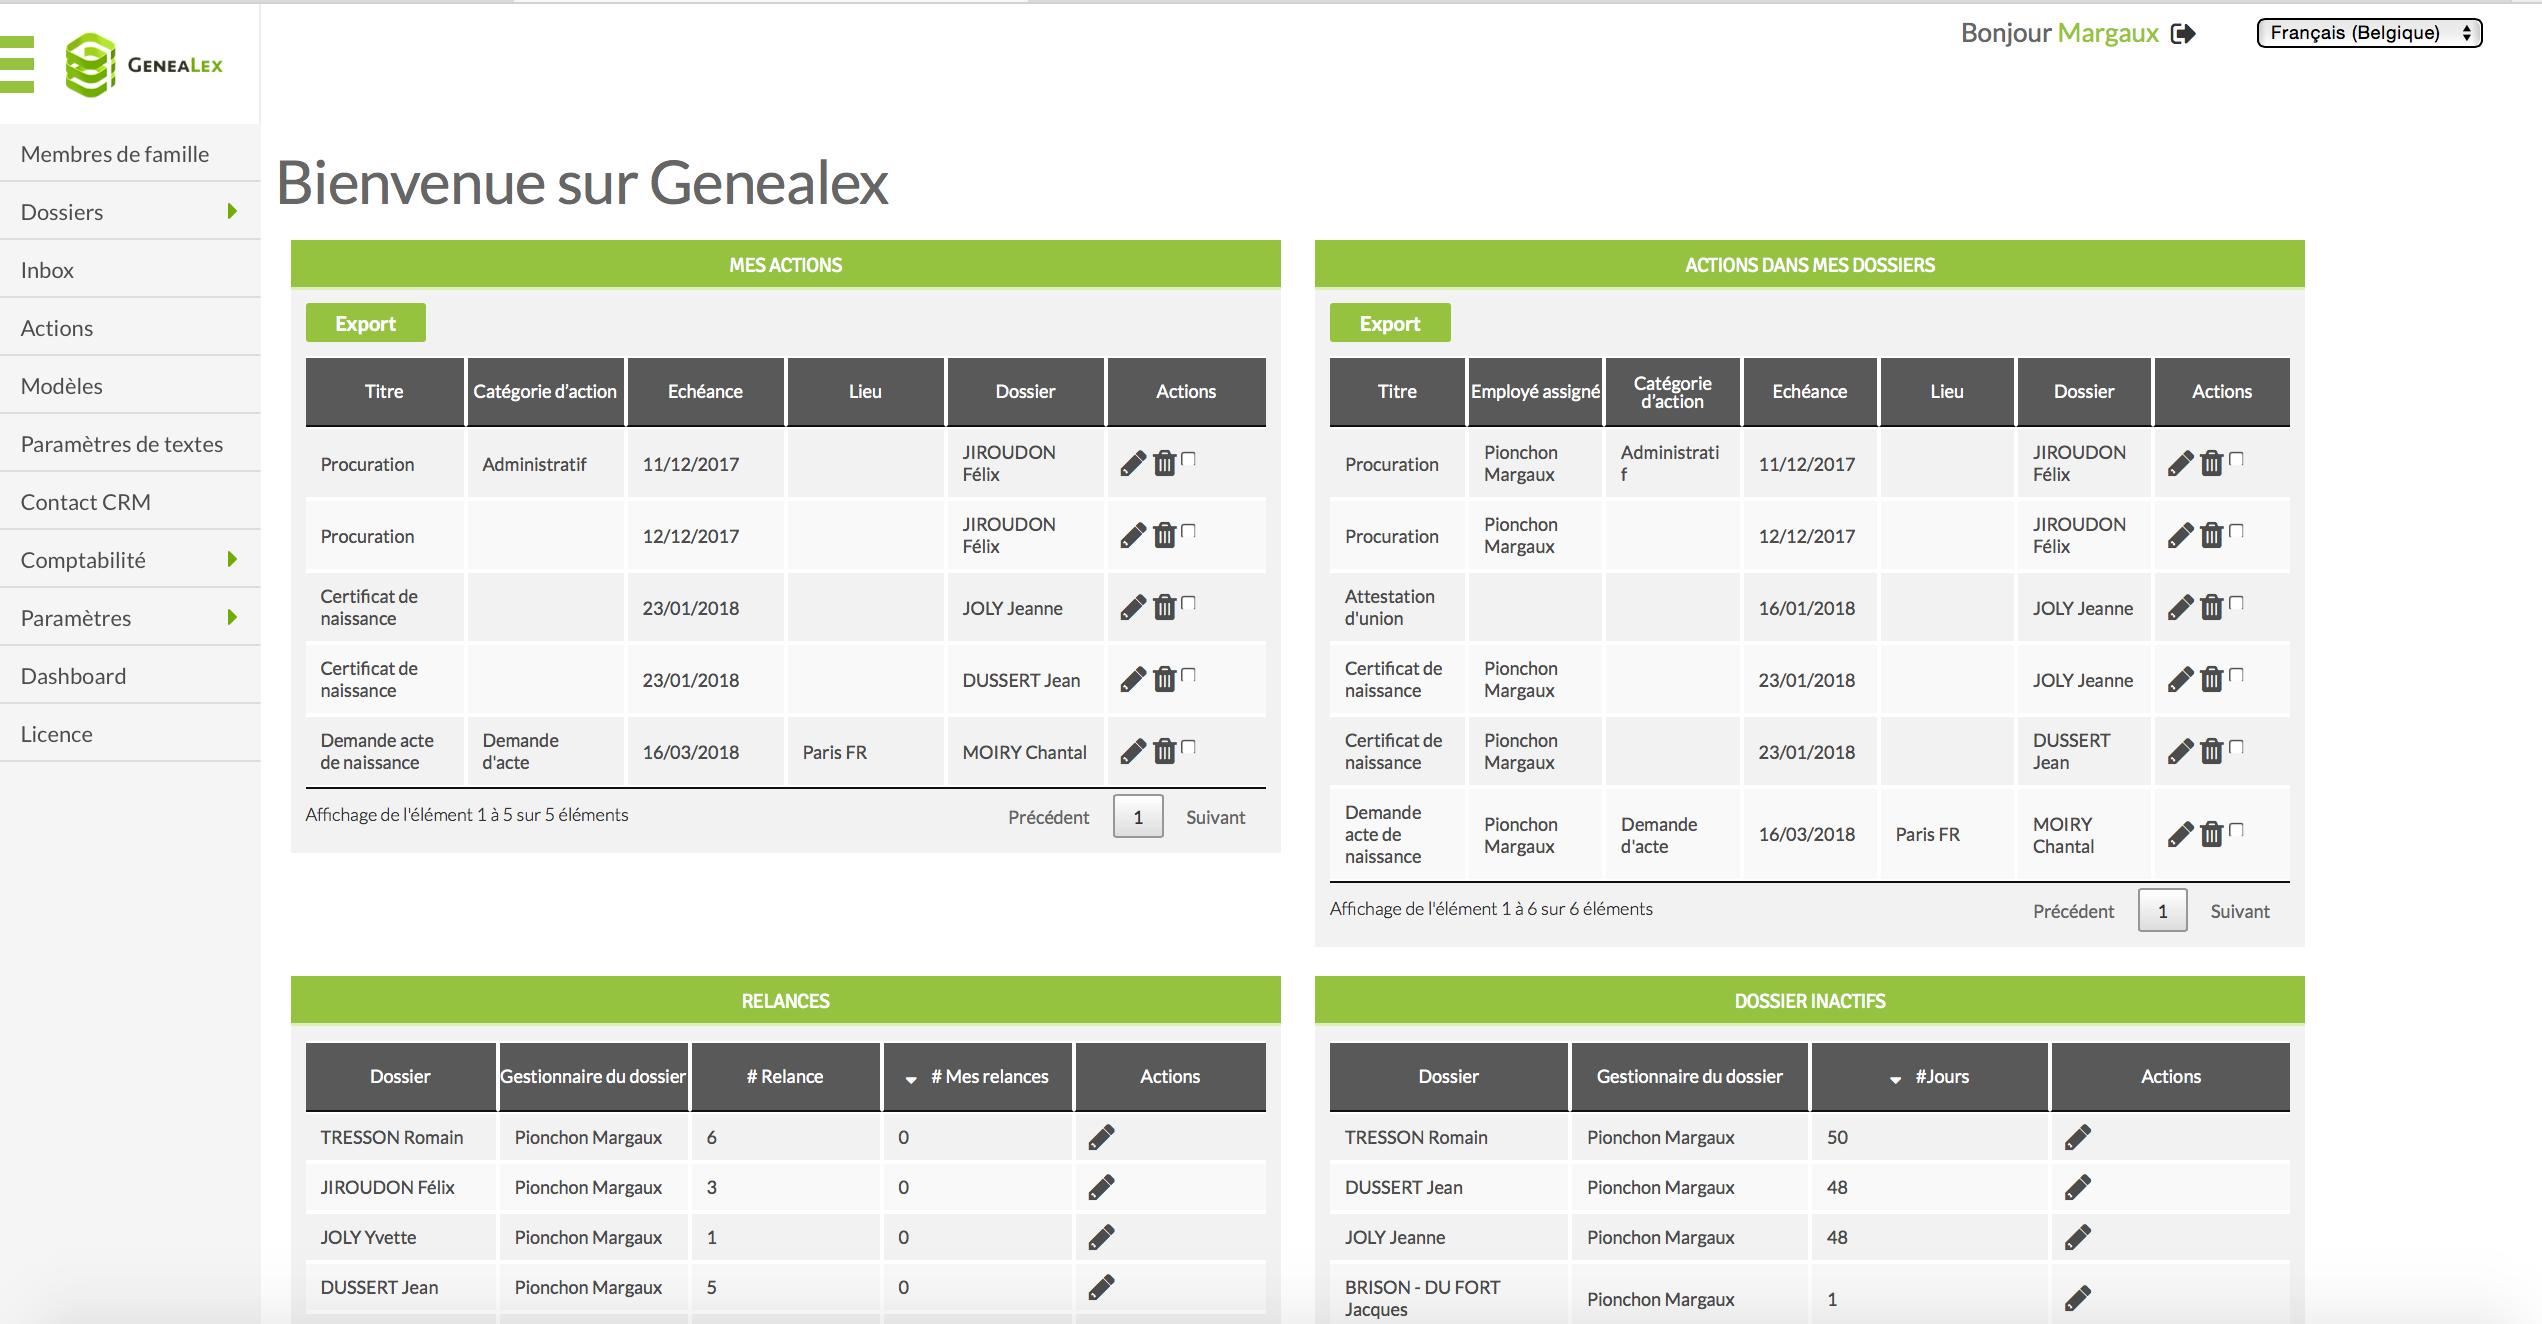 Capture d'écran d'un tableau de bord avec un résumé des actions, des actions dans mes dossiers, des relances et des dossiers inactifs